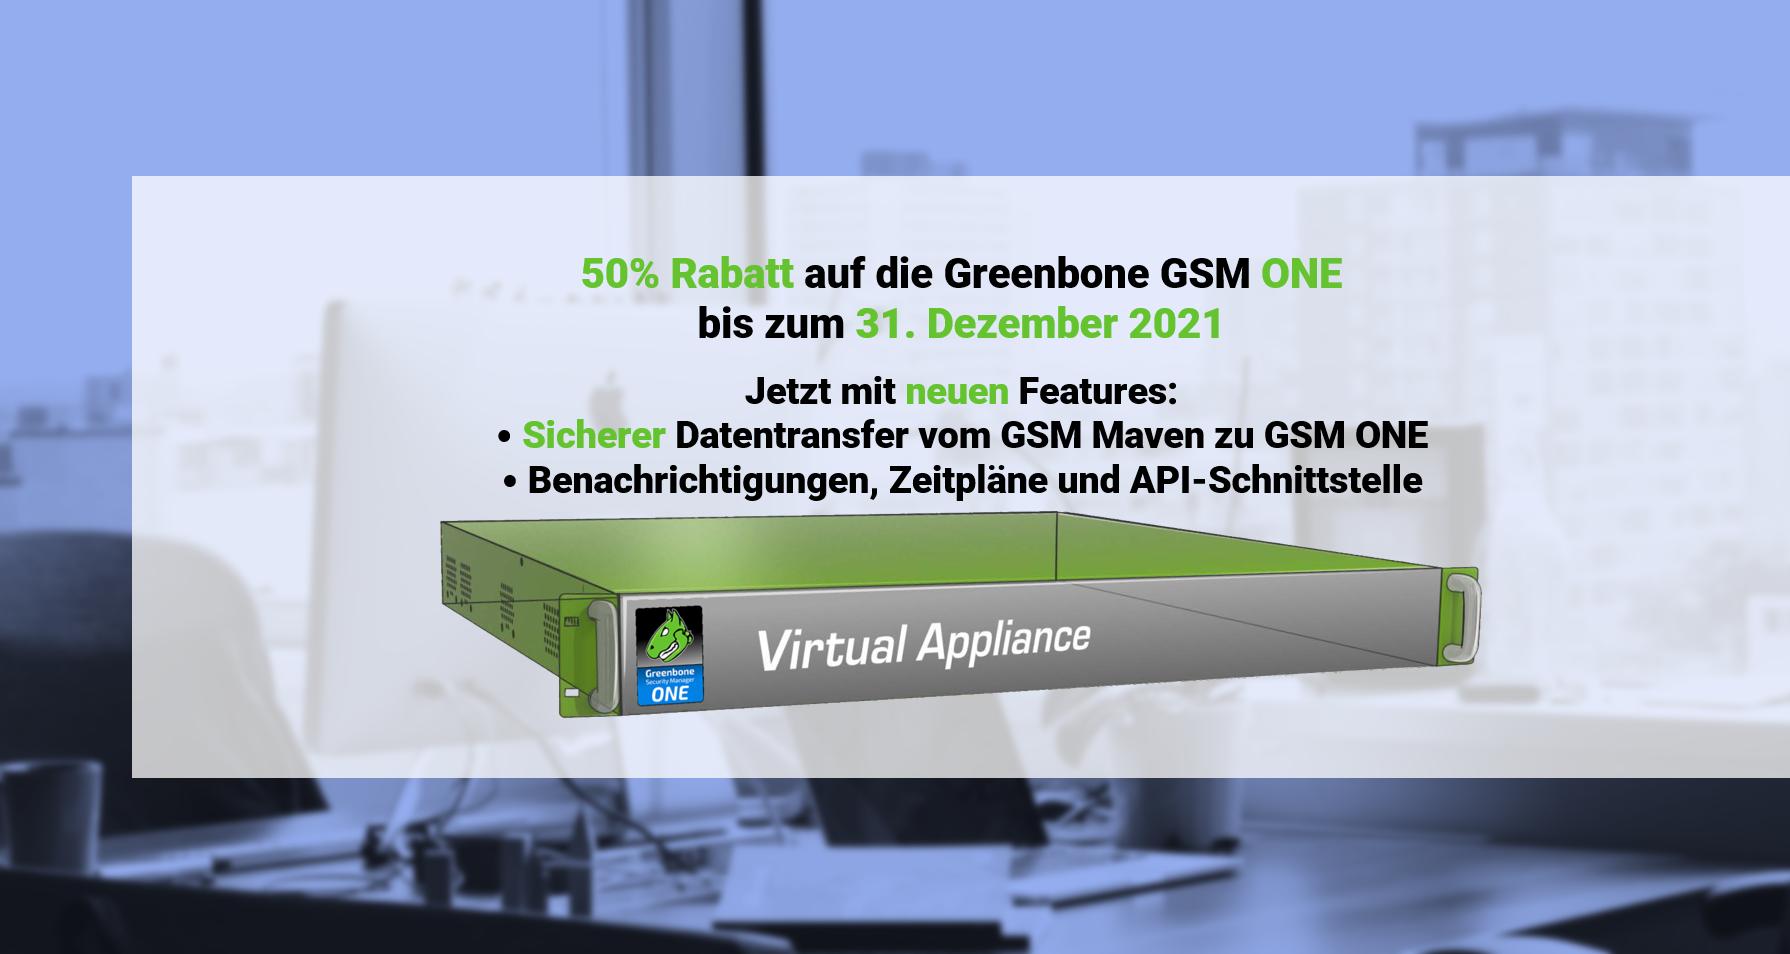 Greenbone GSM One Promo